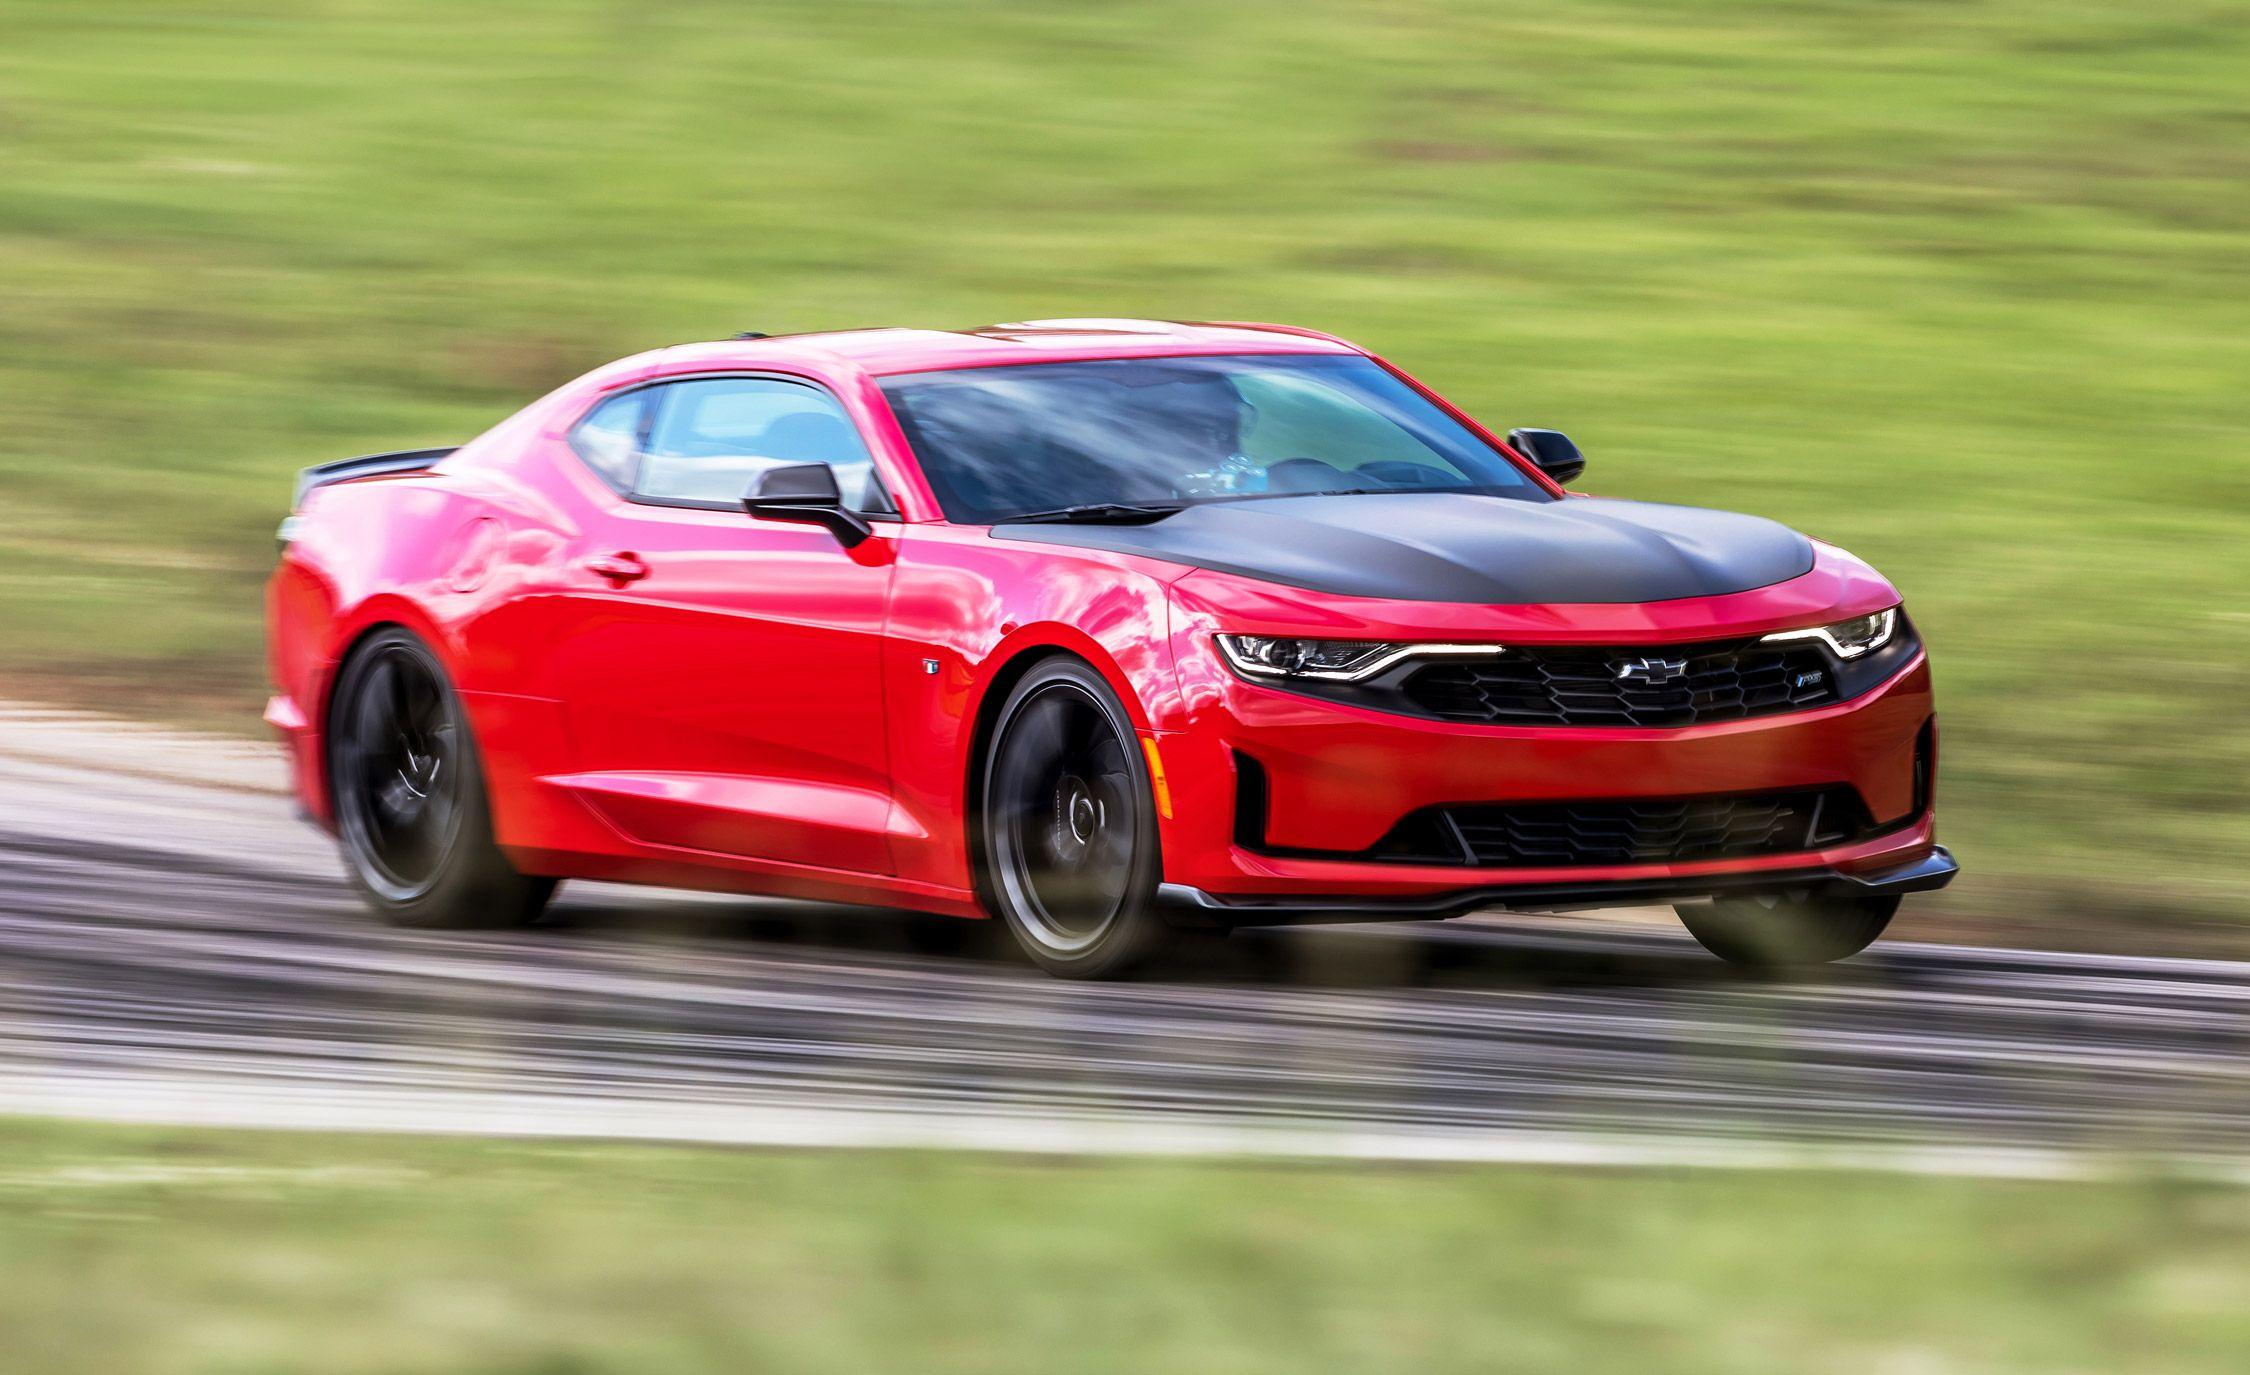 2019 Chevrolet Camaro Reviews Price Photos And Specs Car Driver